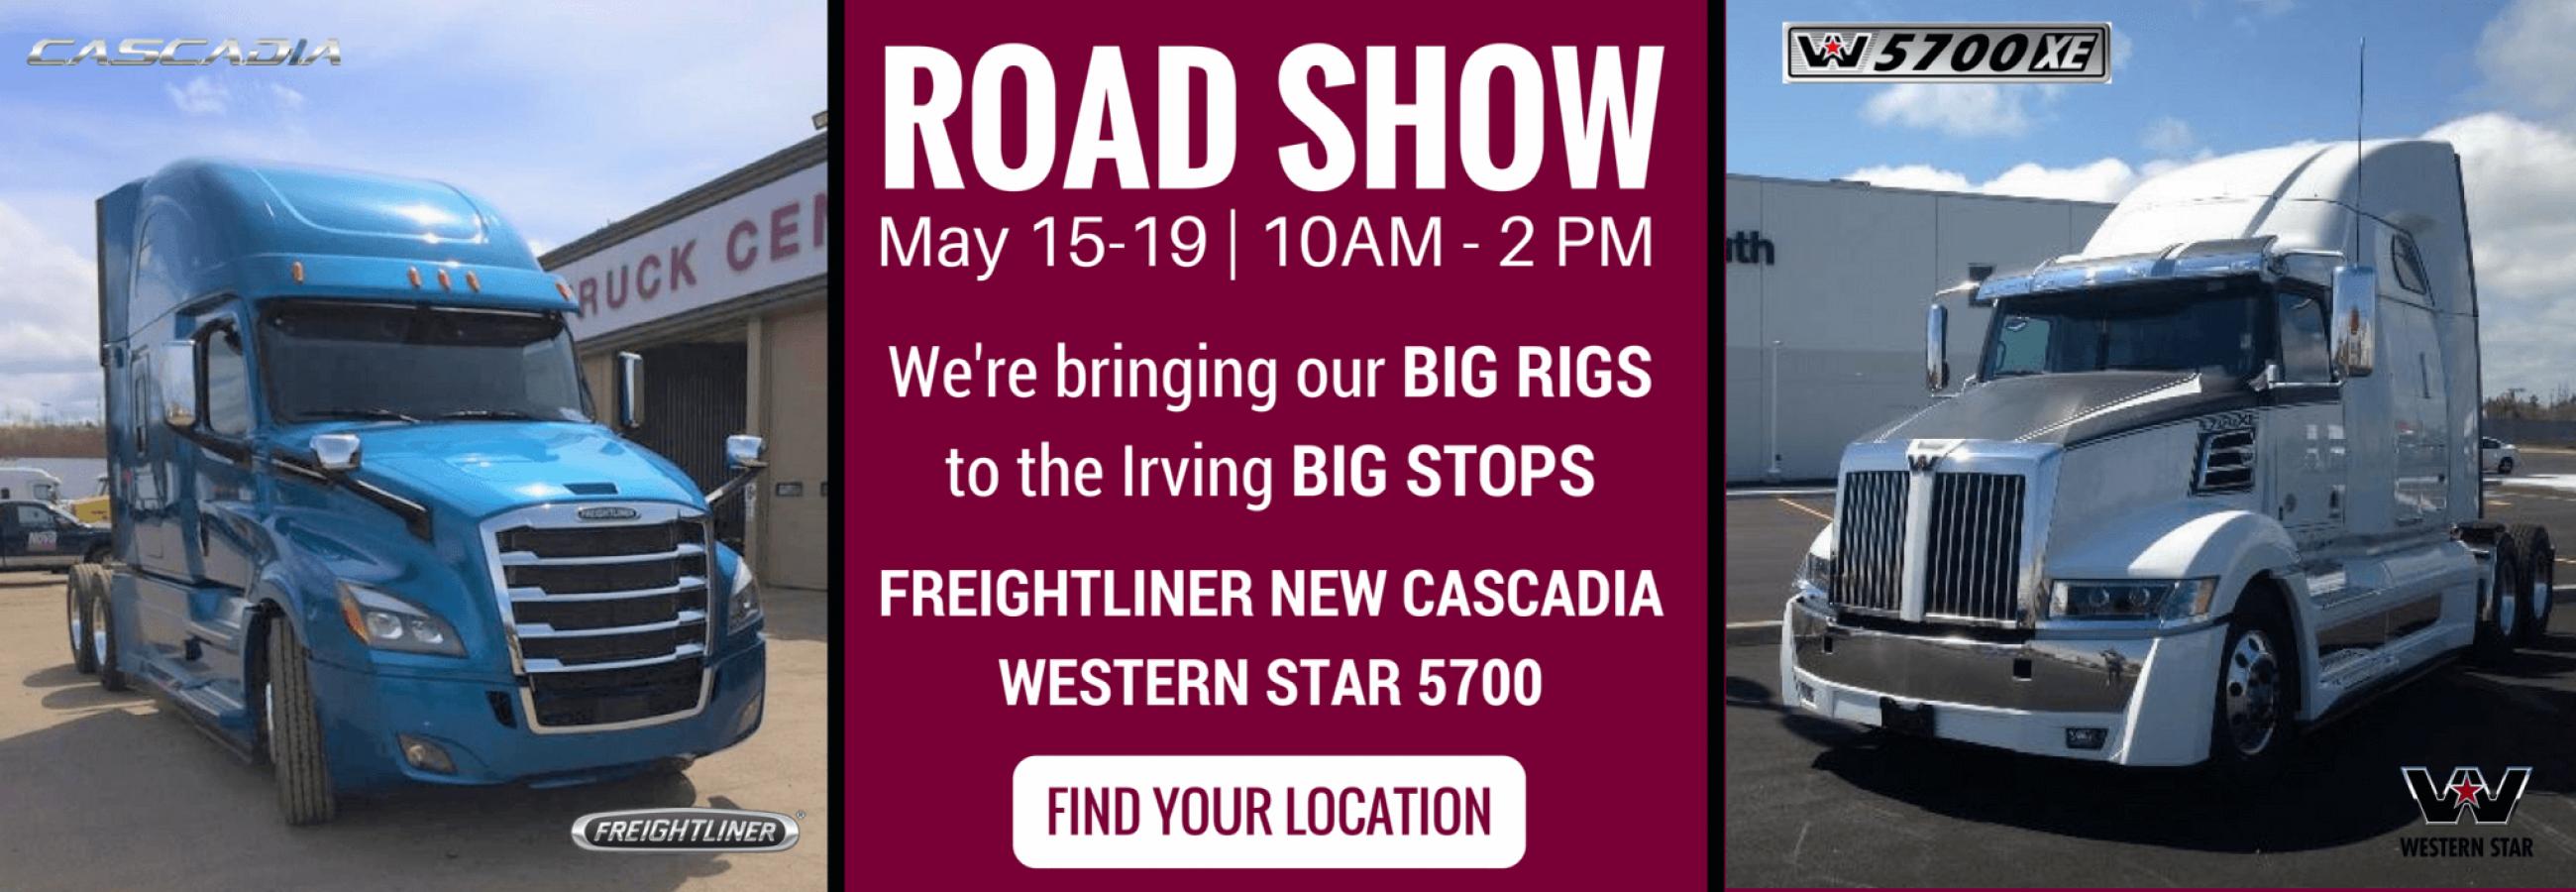 Nova Truck Centres Road Show